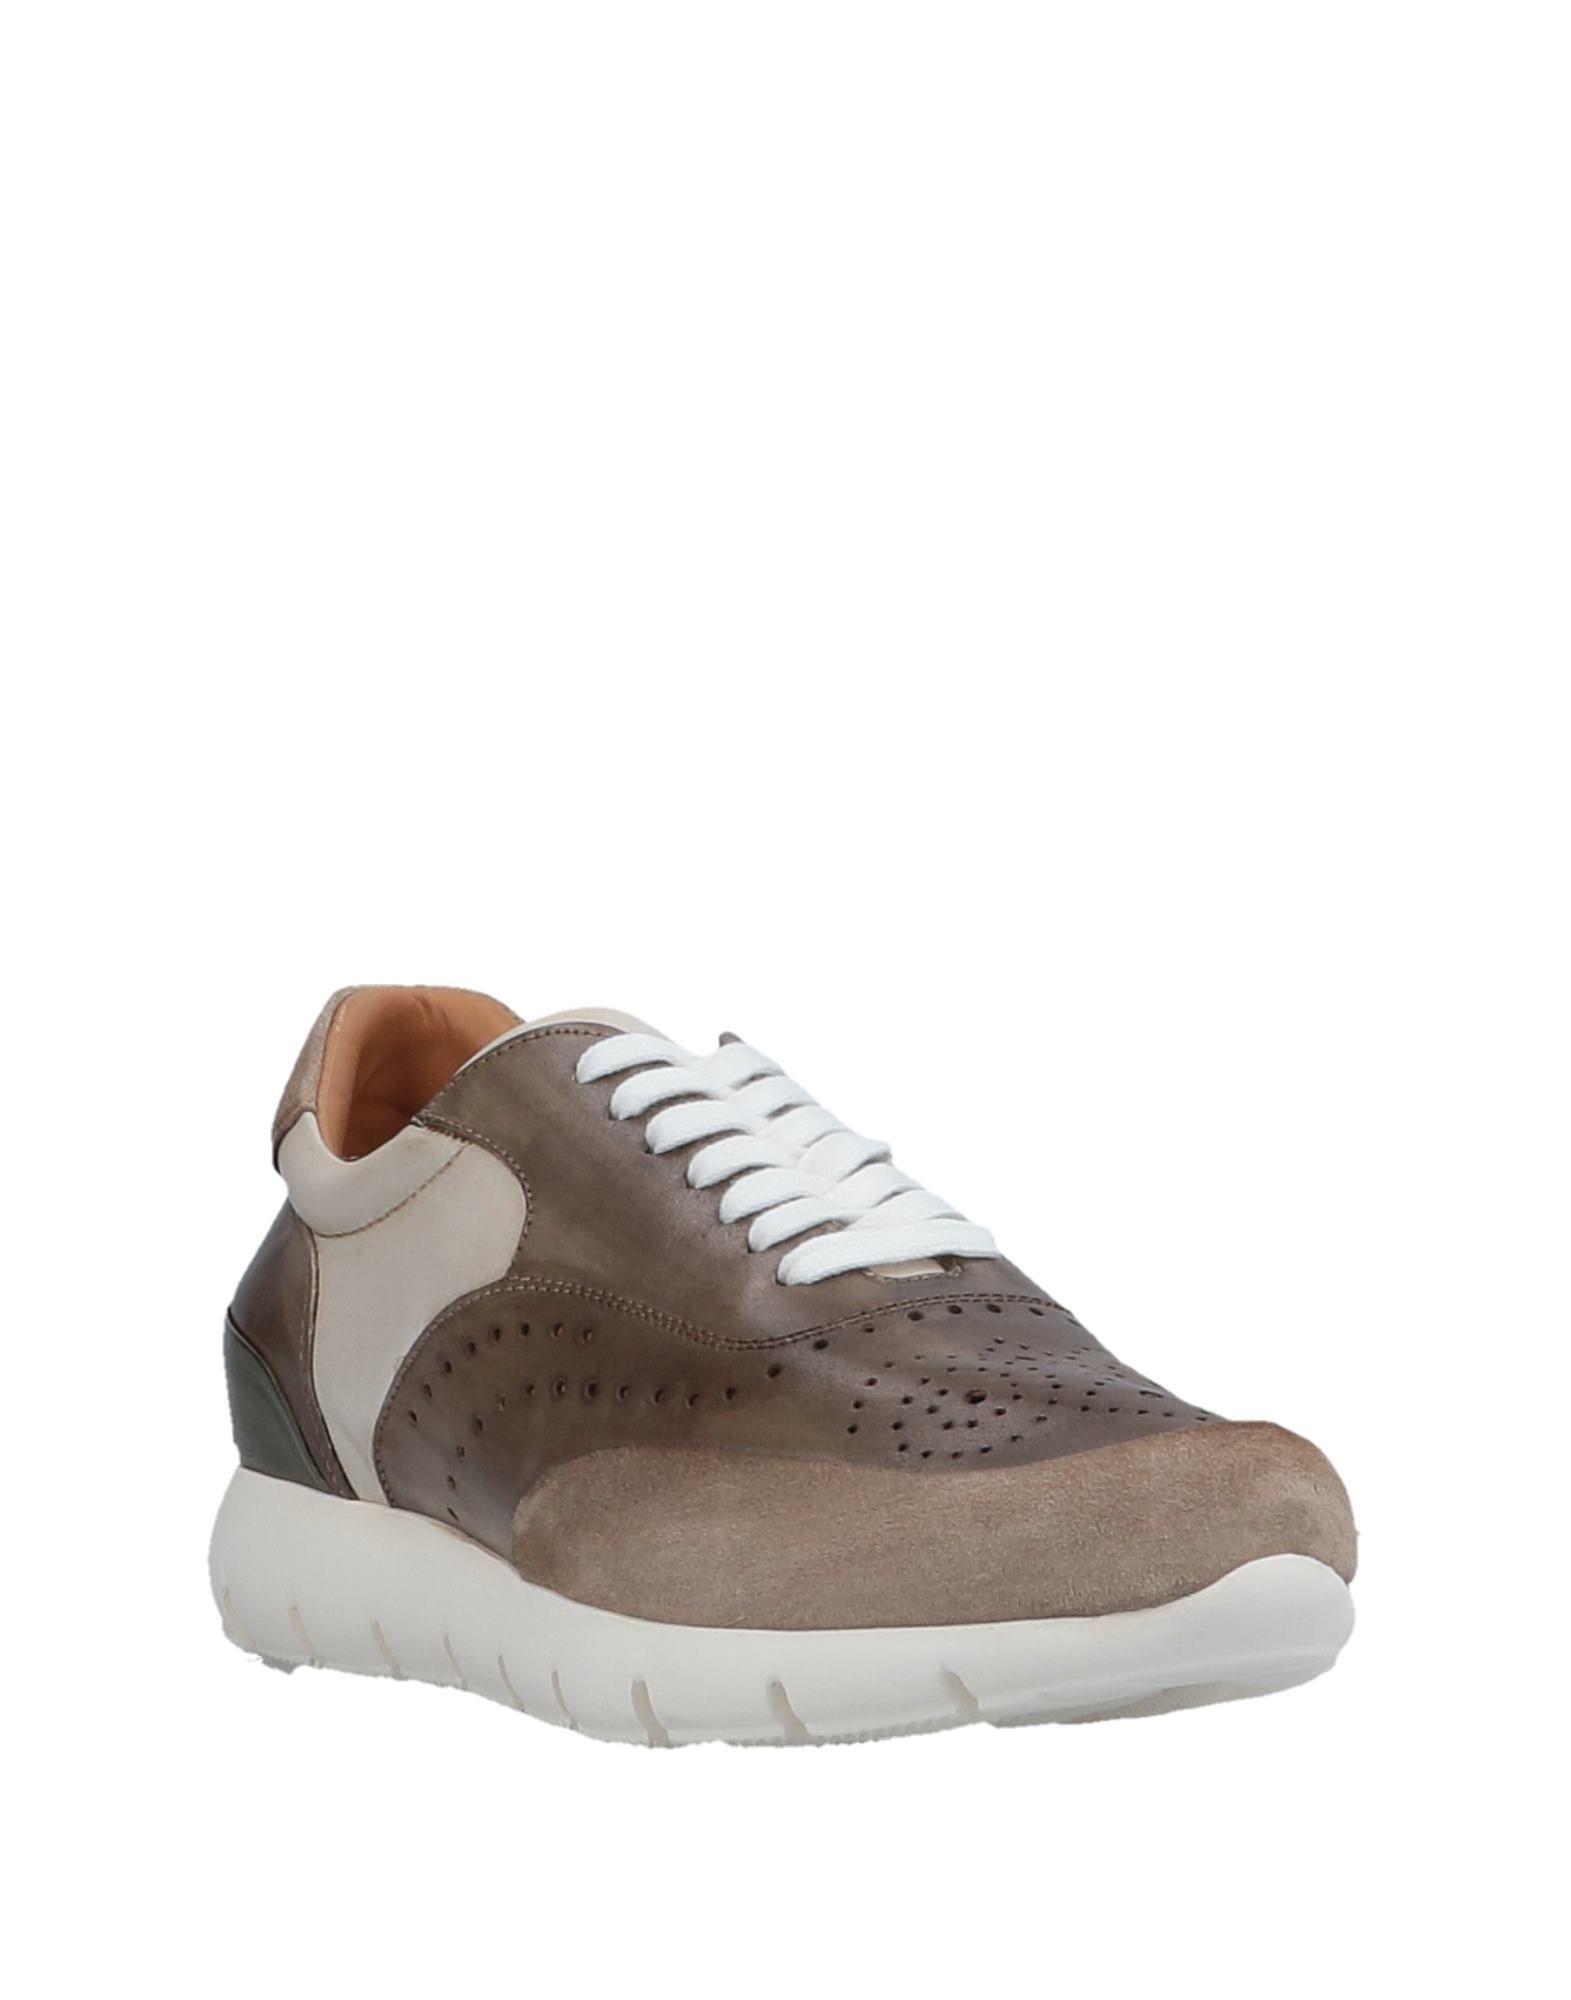 Brecos Sneakers Herren Herren Sneakers  11505071TC 3aecfa